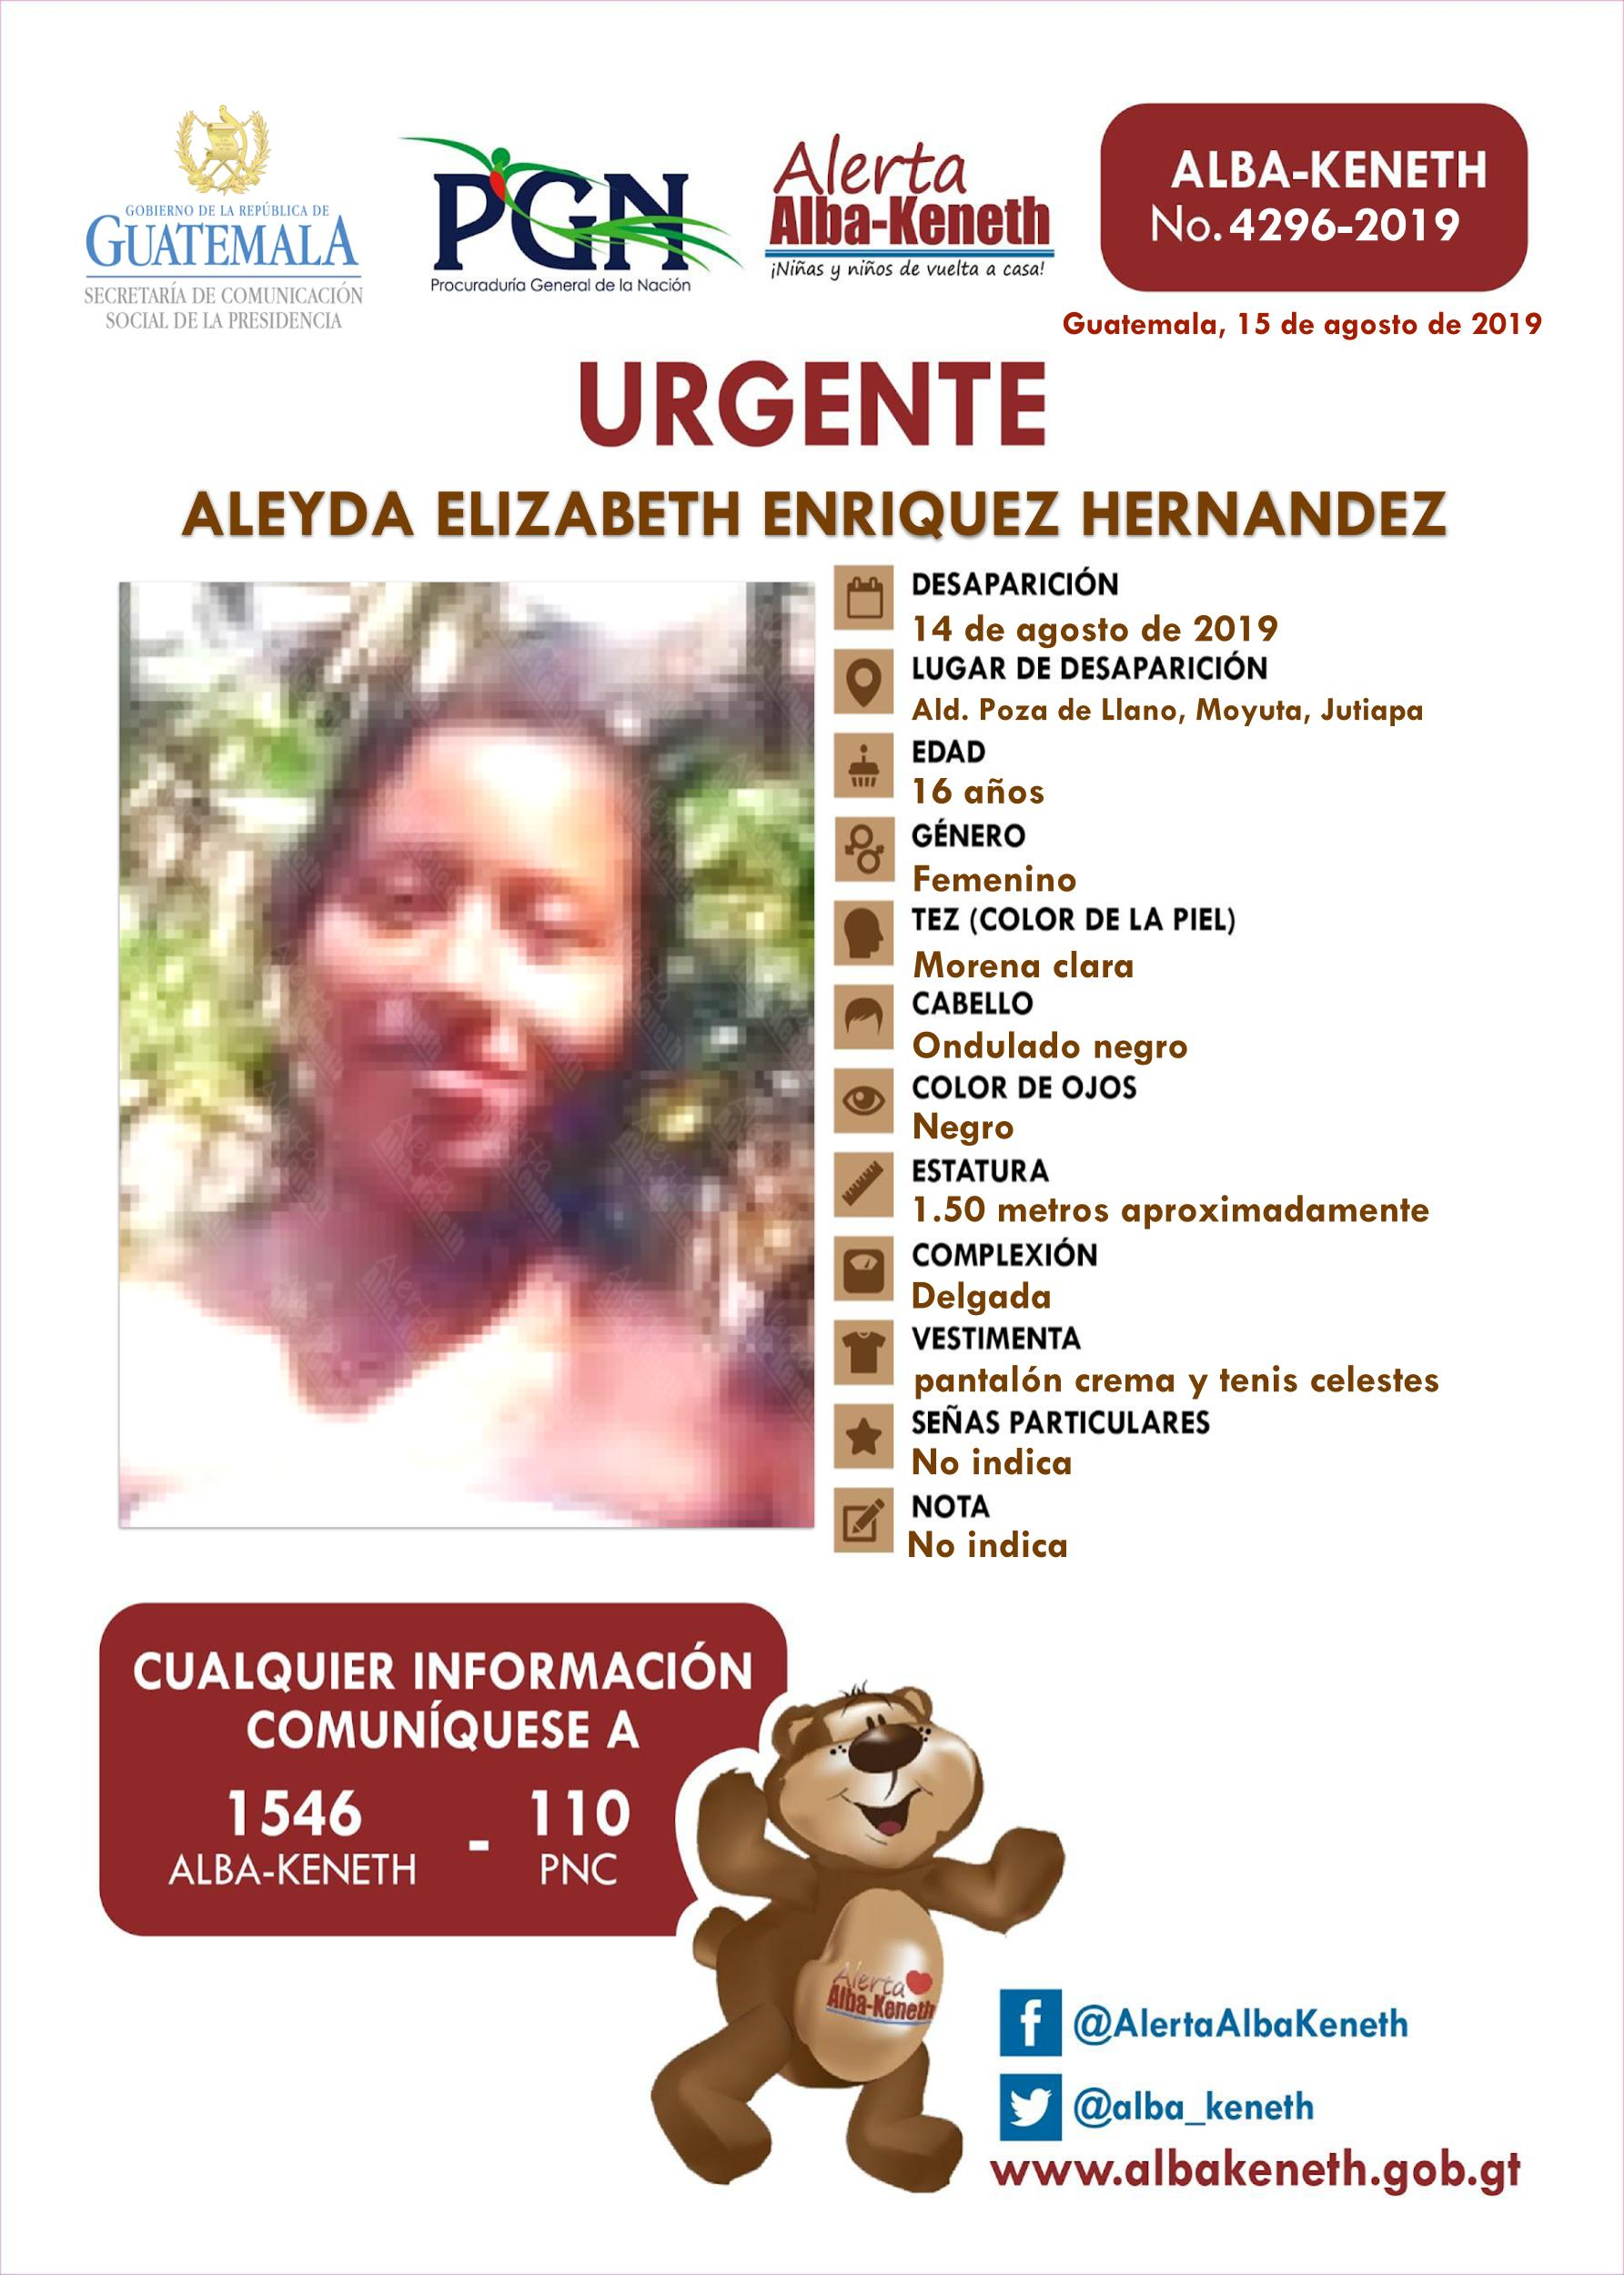 Aleyda Elizabeth Enriquez Hernandez